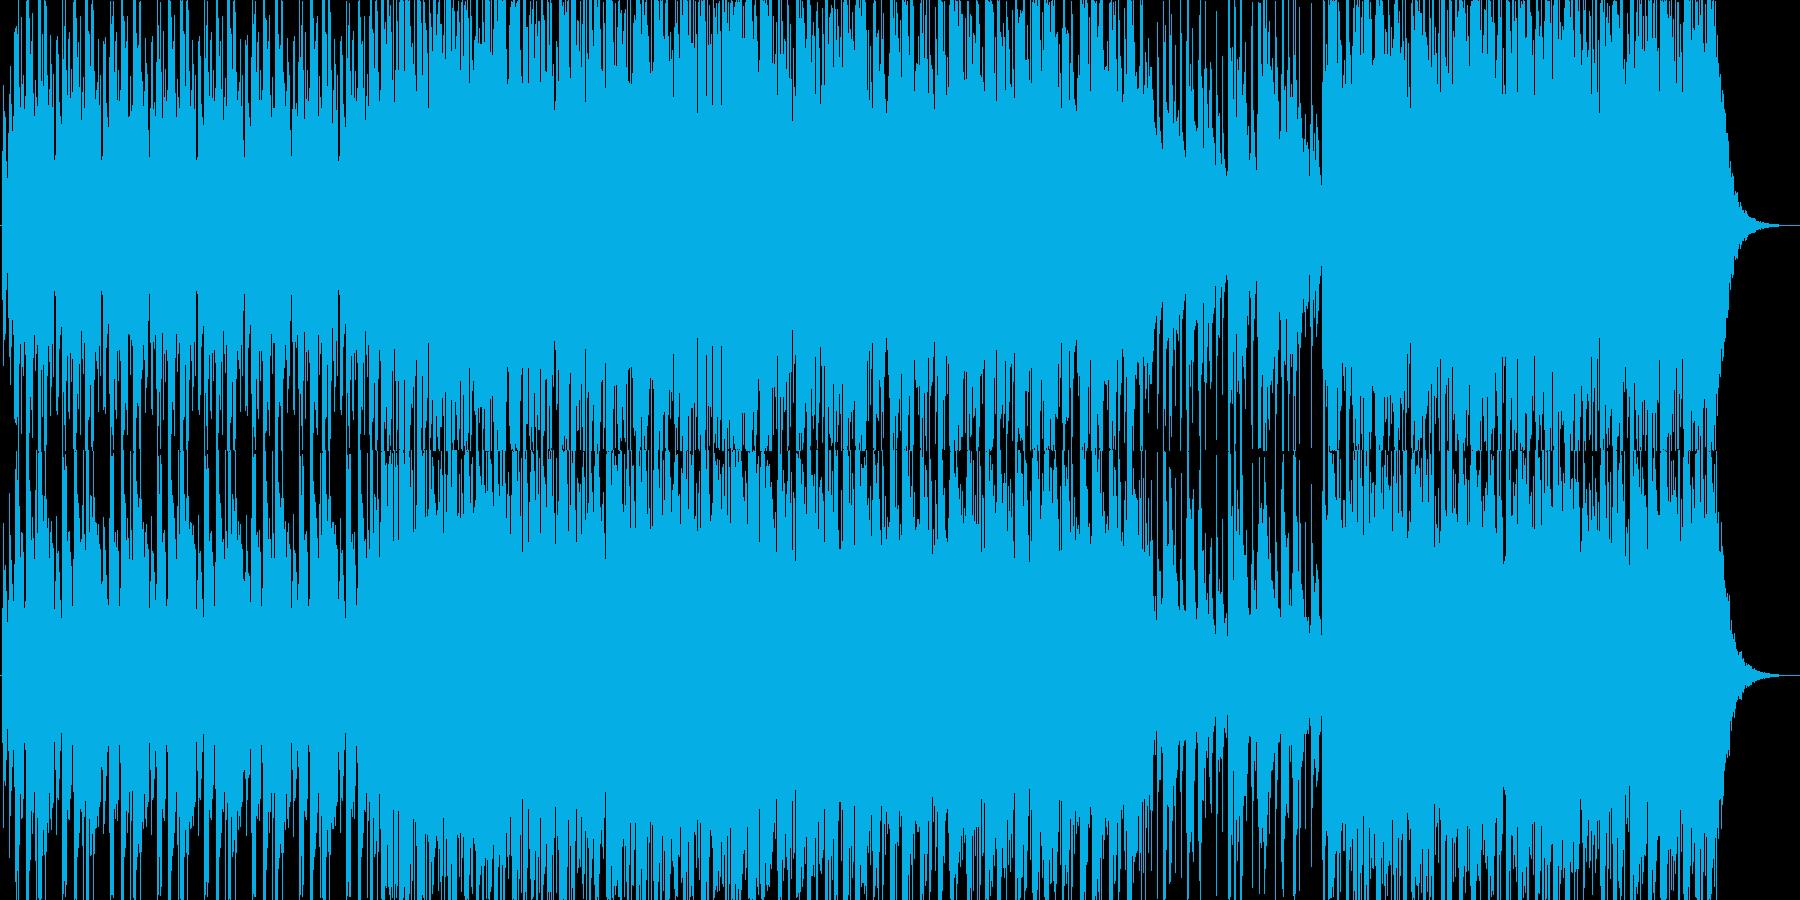 太鼓をメインに作成しました。の再生済みの波形